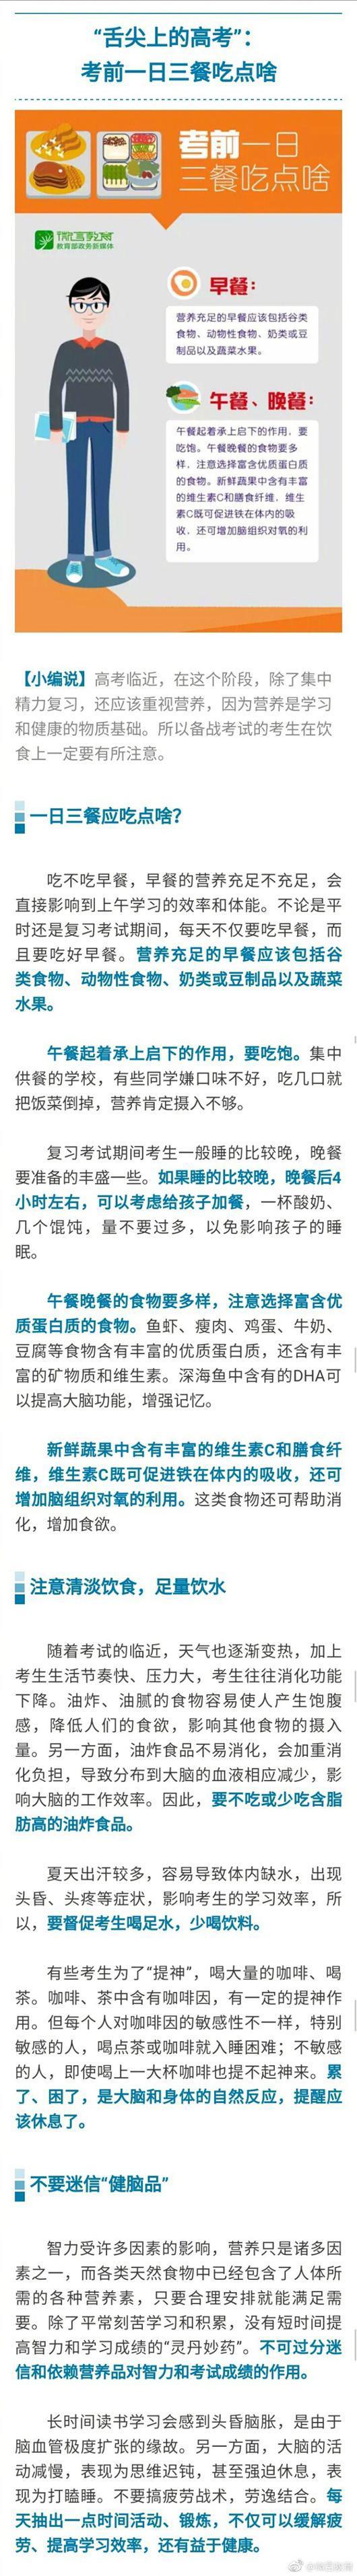 北京pk拾官方投注站-上全狐网